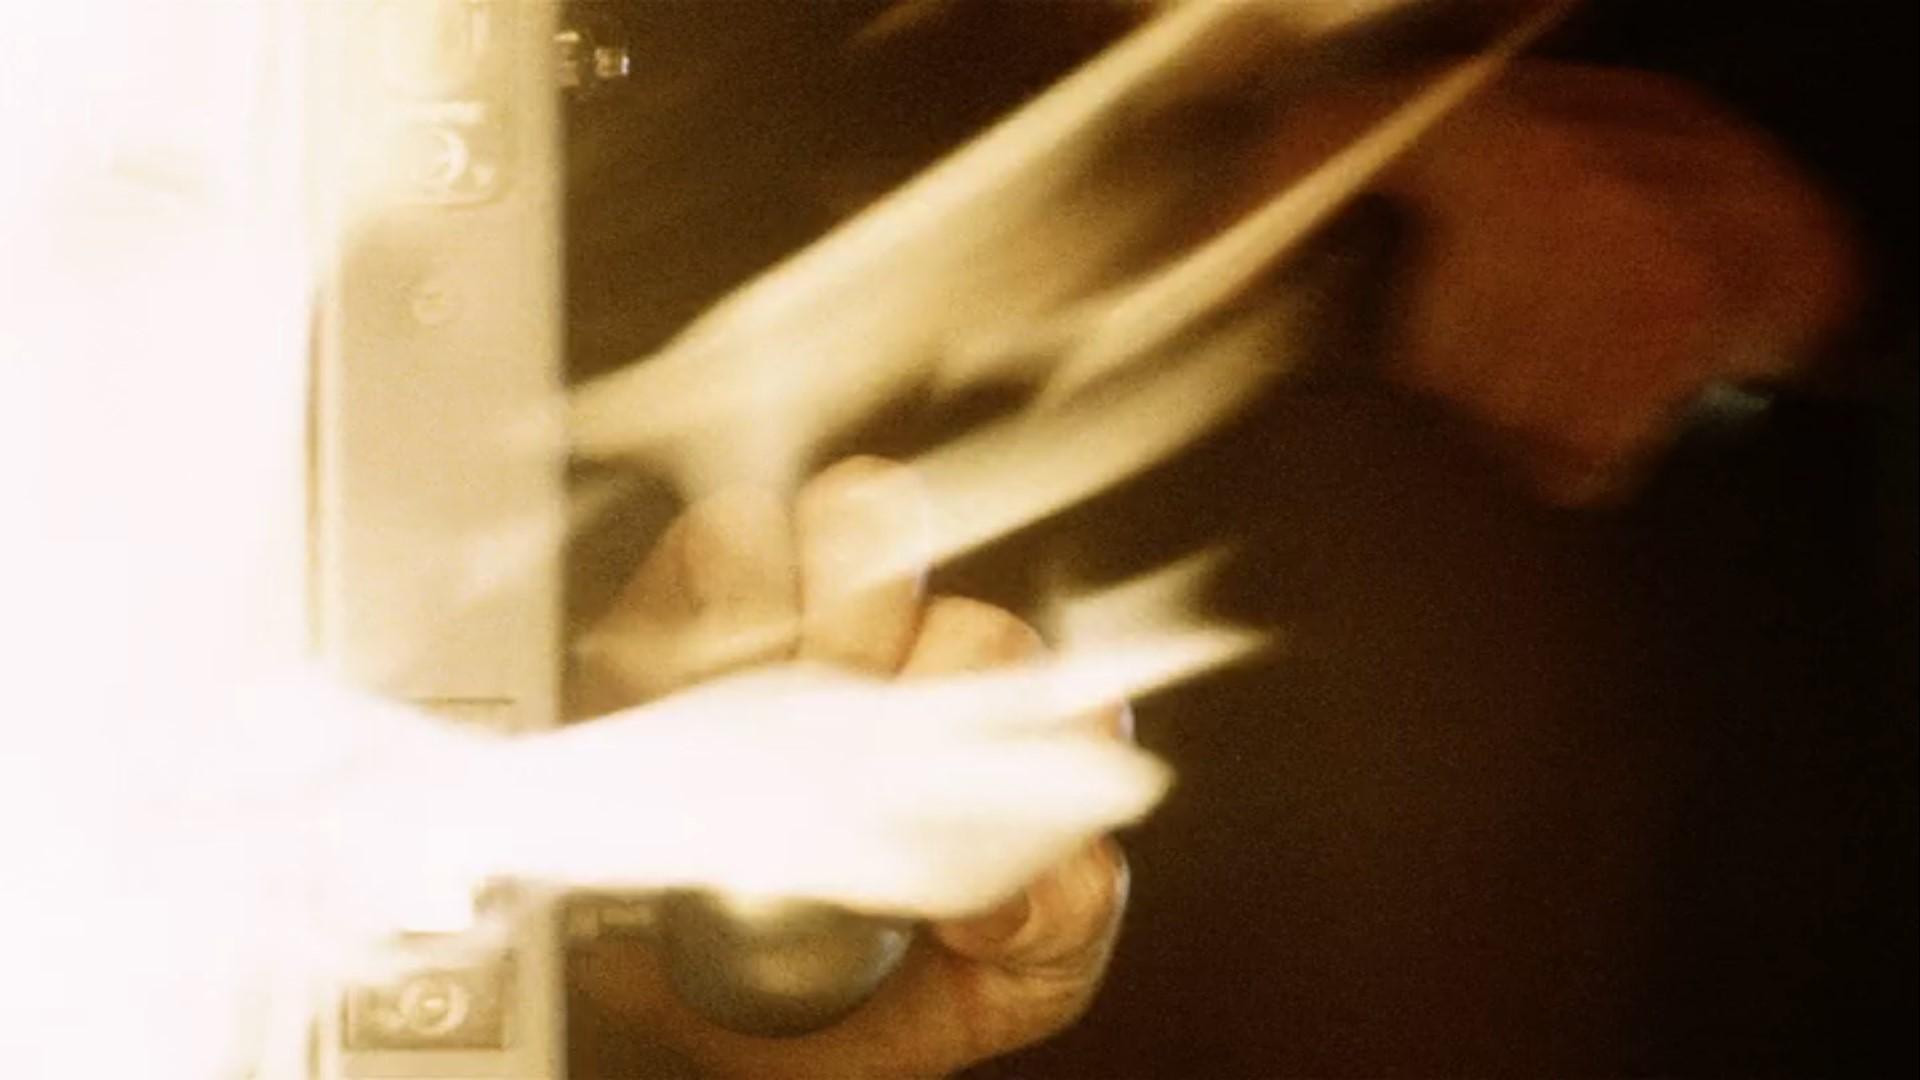 映画「宇宙戦争(2005)」感想。10回見ても全然飽きない: 機械室へ逃げ込み、ゆっくりドアを閉める